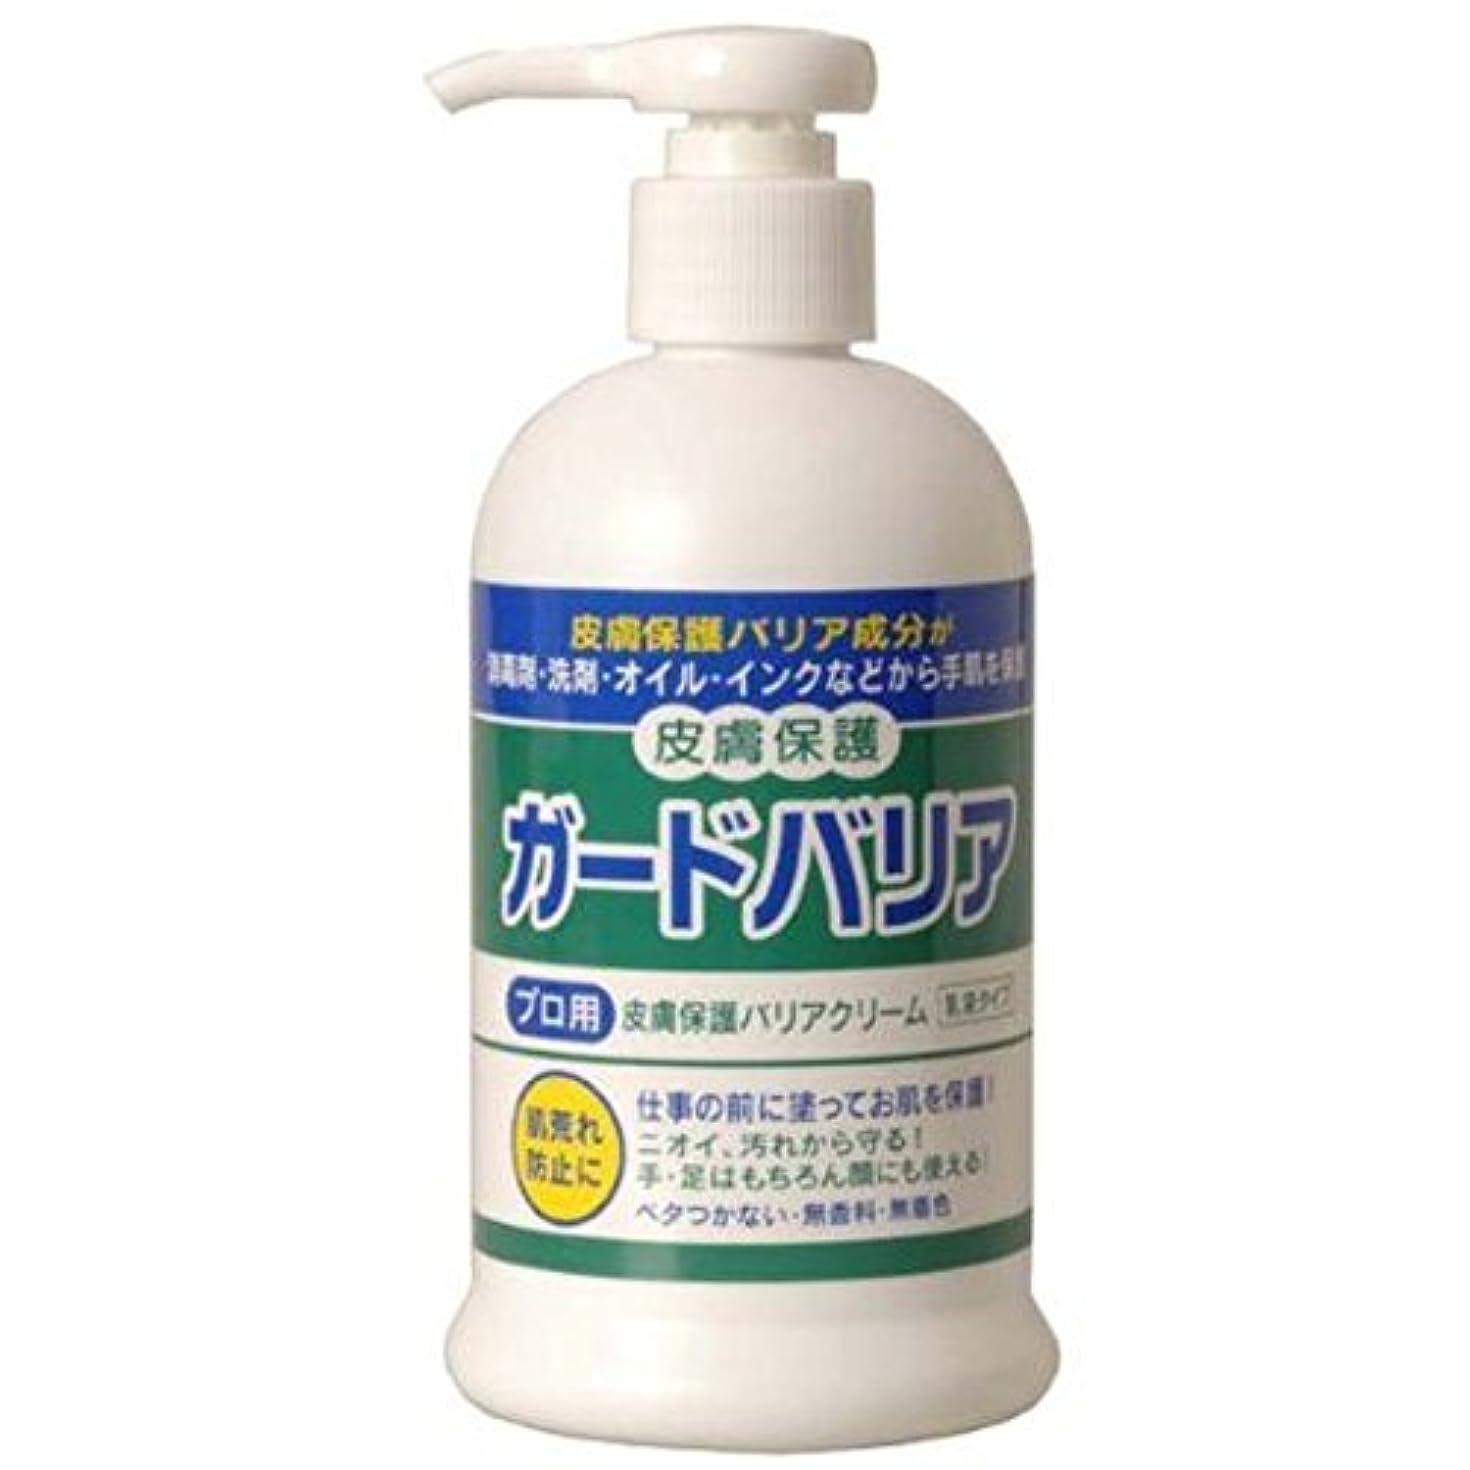 雑品バリケードオセアニアガードバリア【皮膚保護バリアクリーム】プロ用